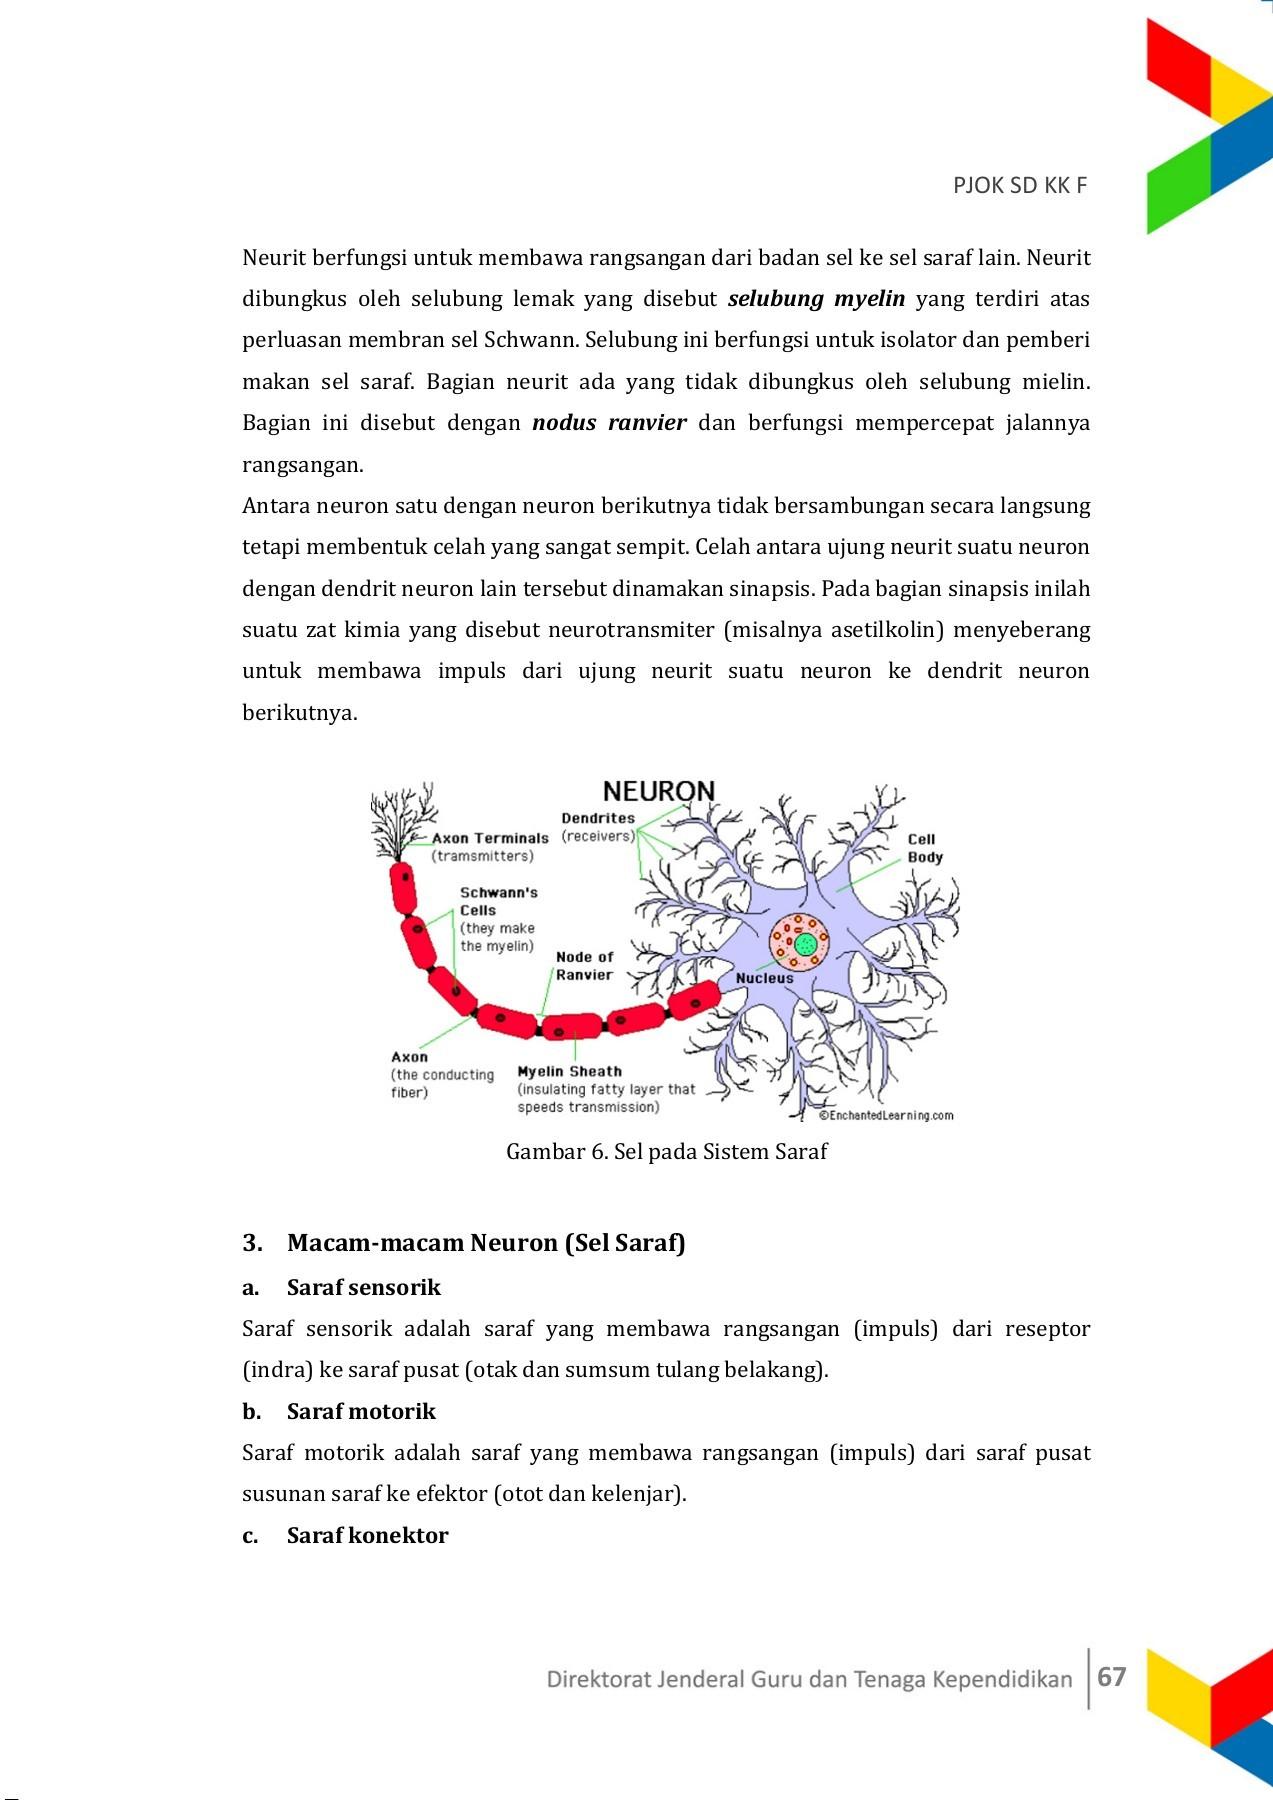 Sel Saraf Motorik Berfungsi Membawa Rangsang Dari : saraf, motorik, berfungsi, membawa, rangsang, Modul, Pages, Download, FlipHTML5